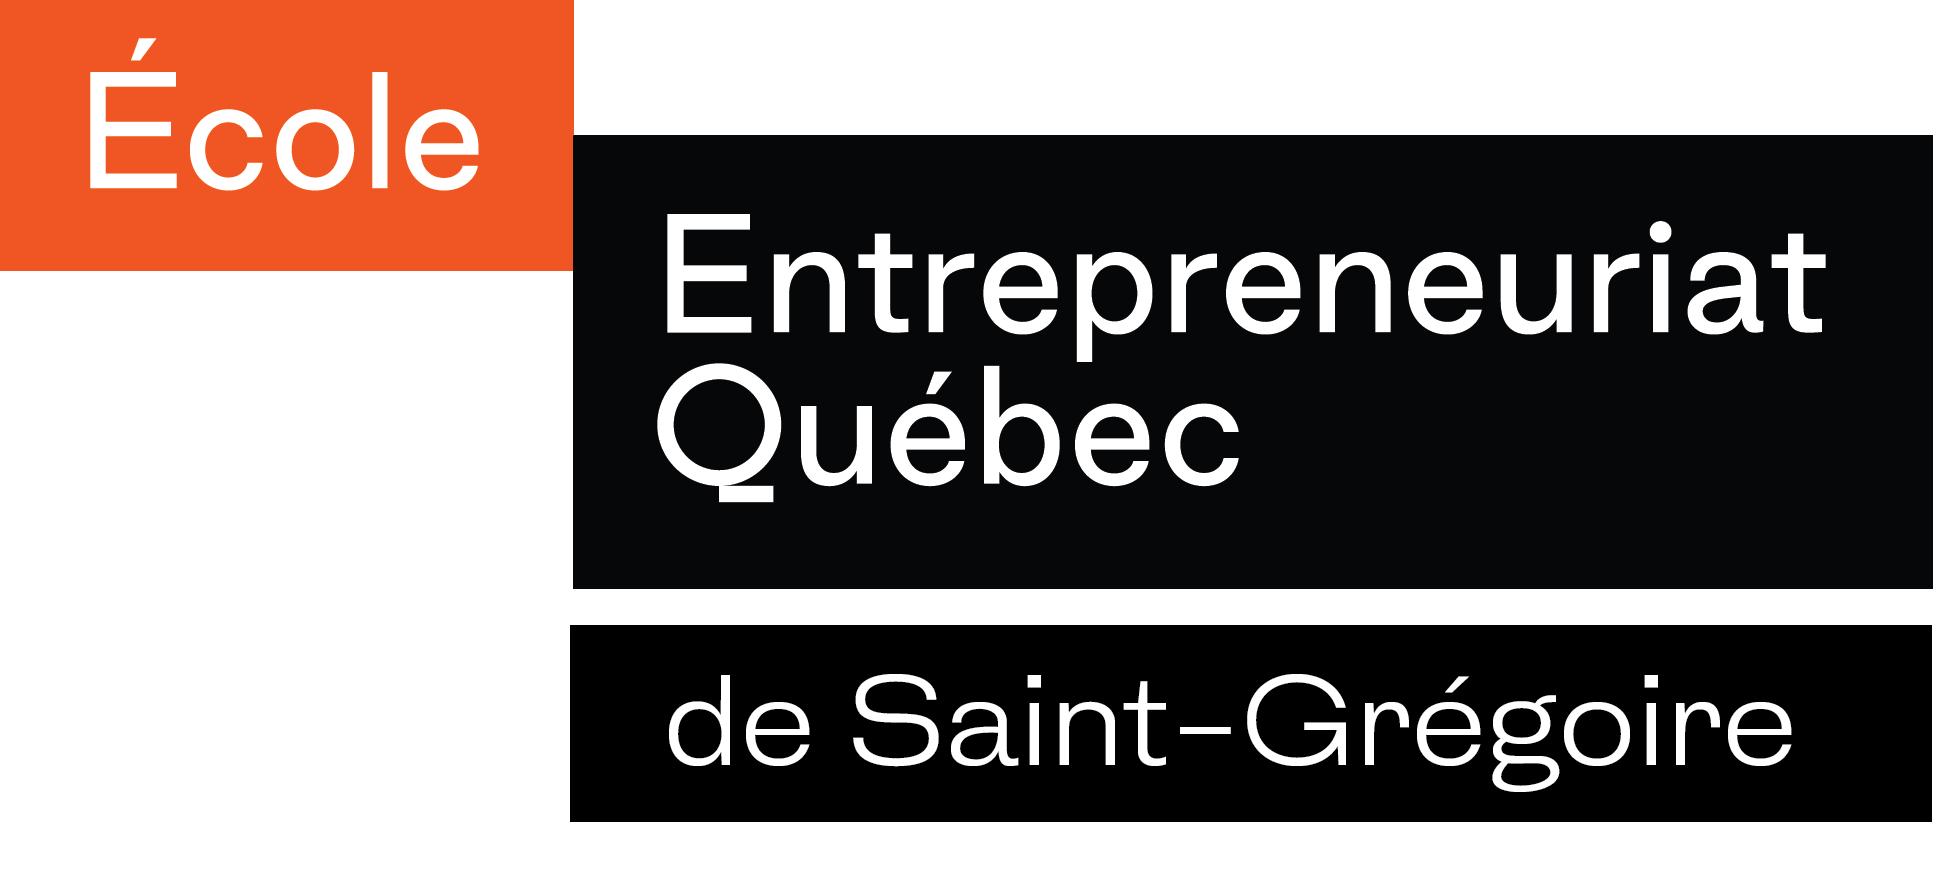 EQ_de Saint-Gregoire.png